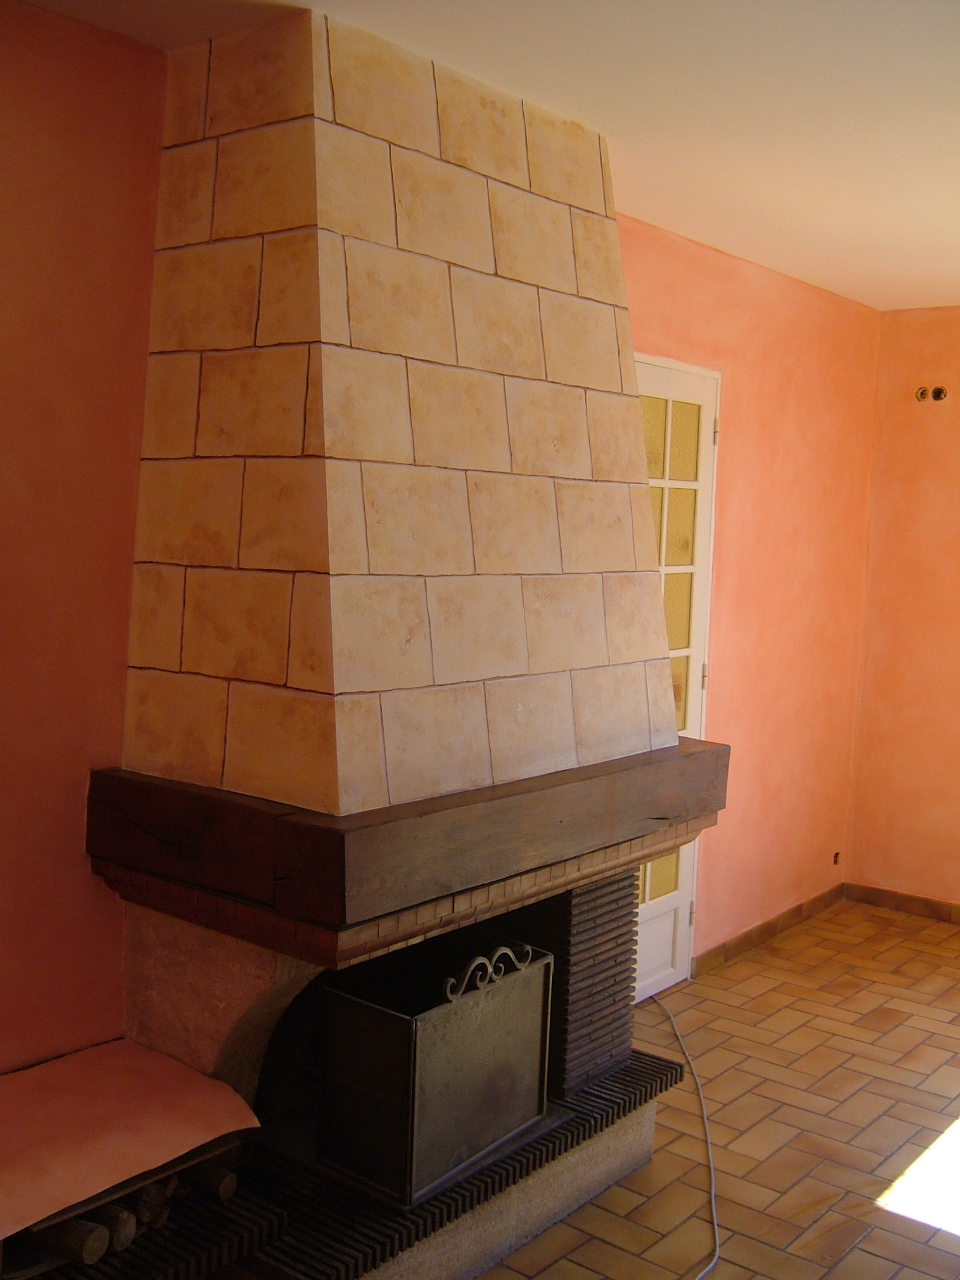 Peintures et d cors patine murale et fausse pierre sur la - Peinture pour hotte de cheminee ...